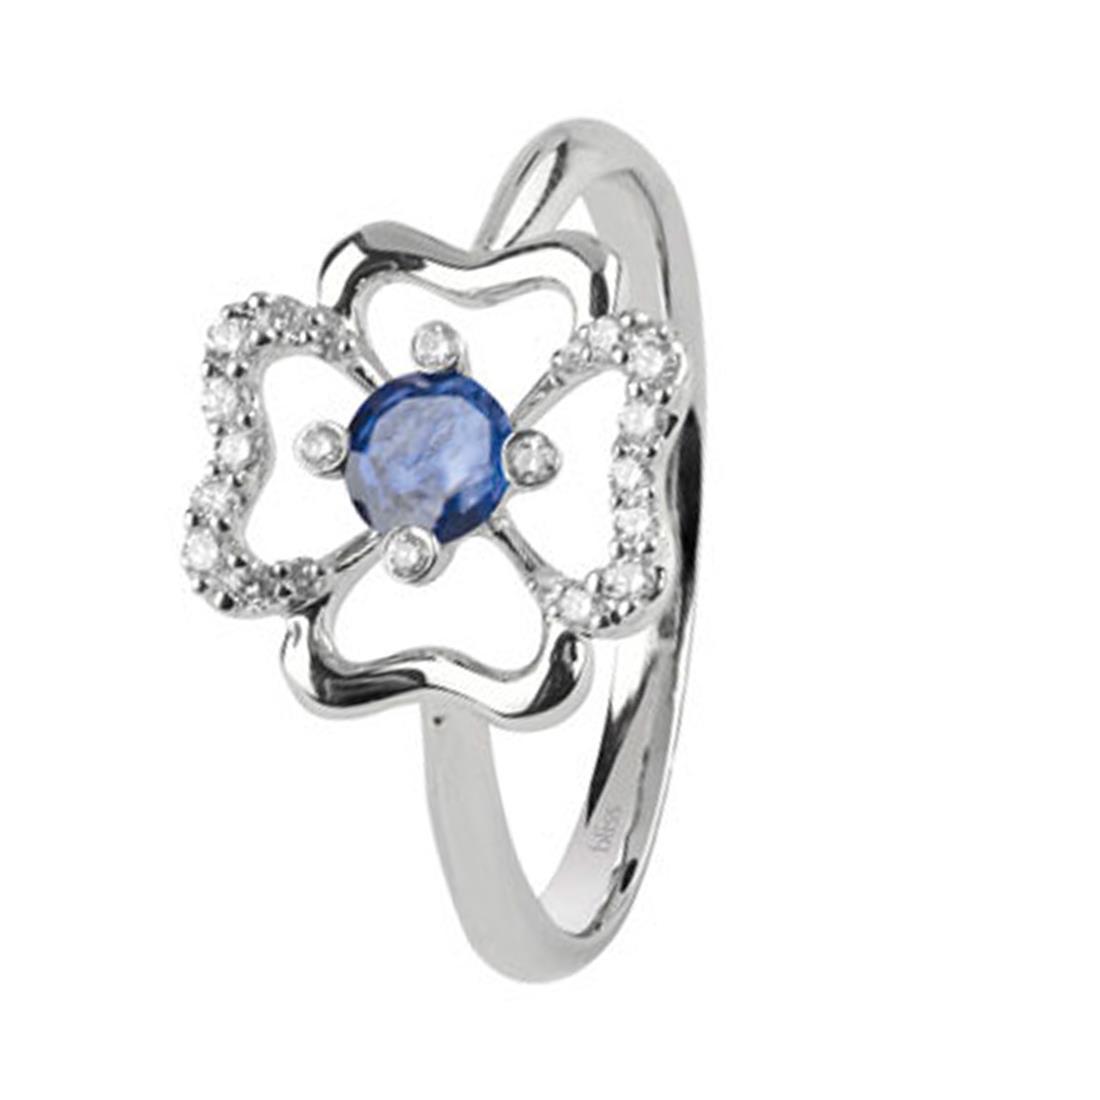 Anello con diamanti e zaffiro - BLISS